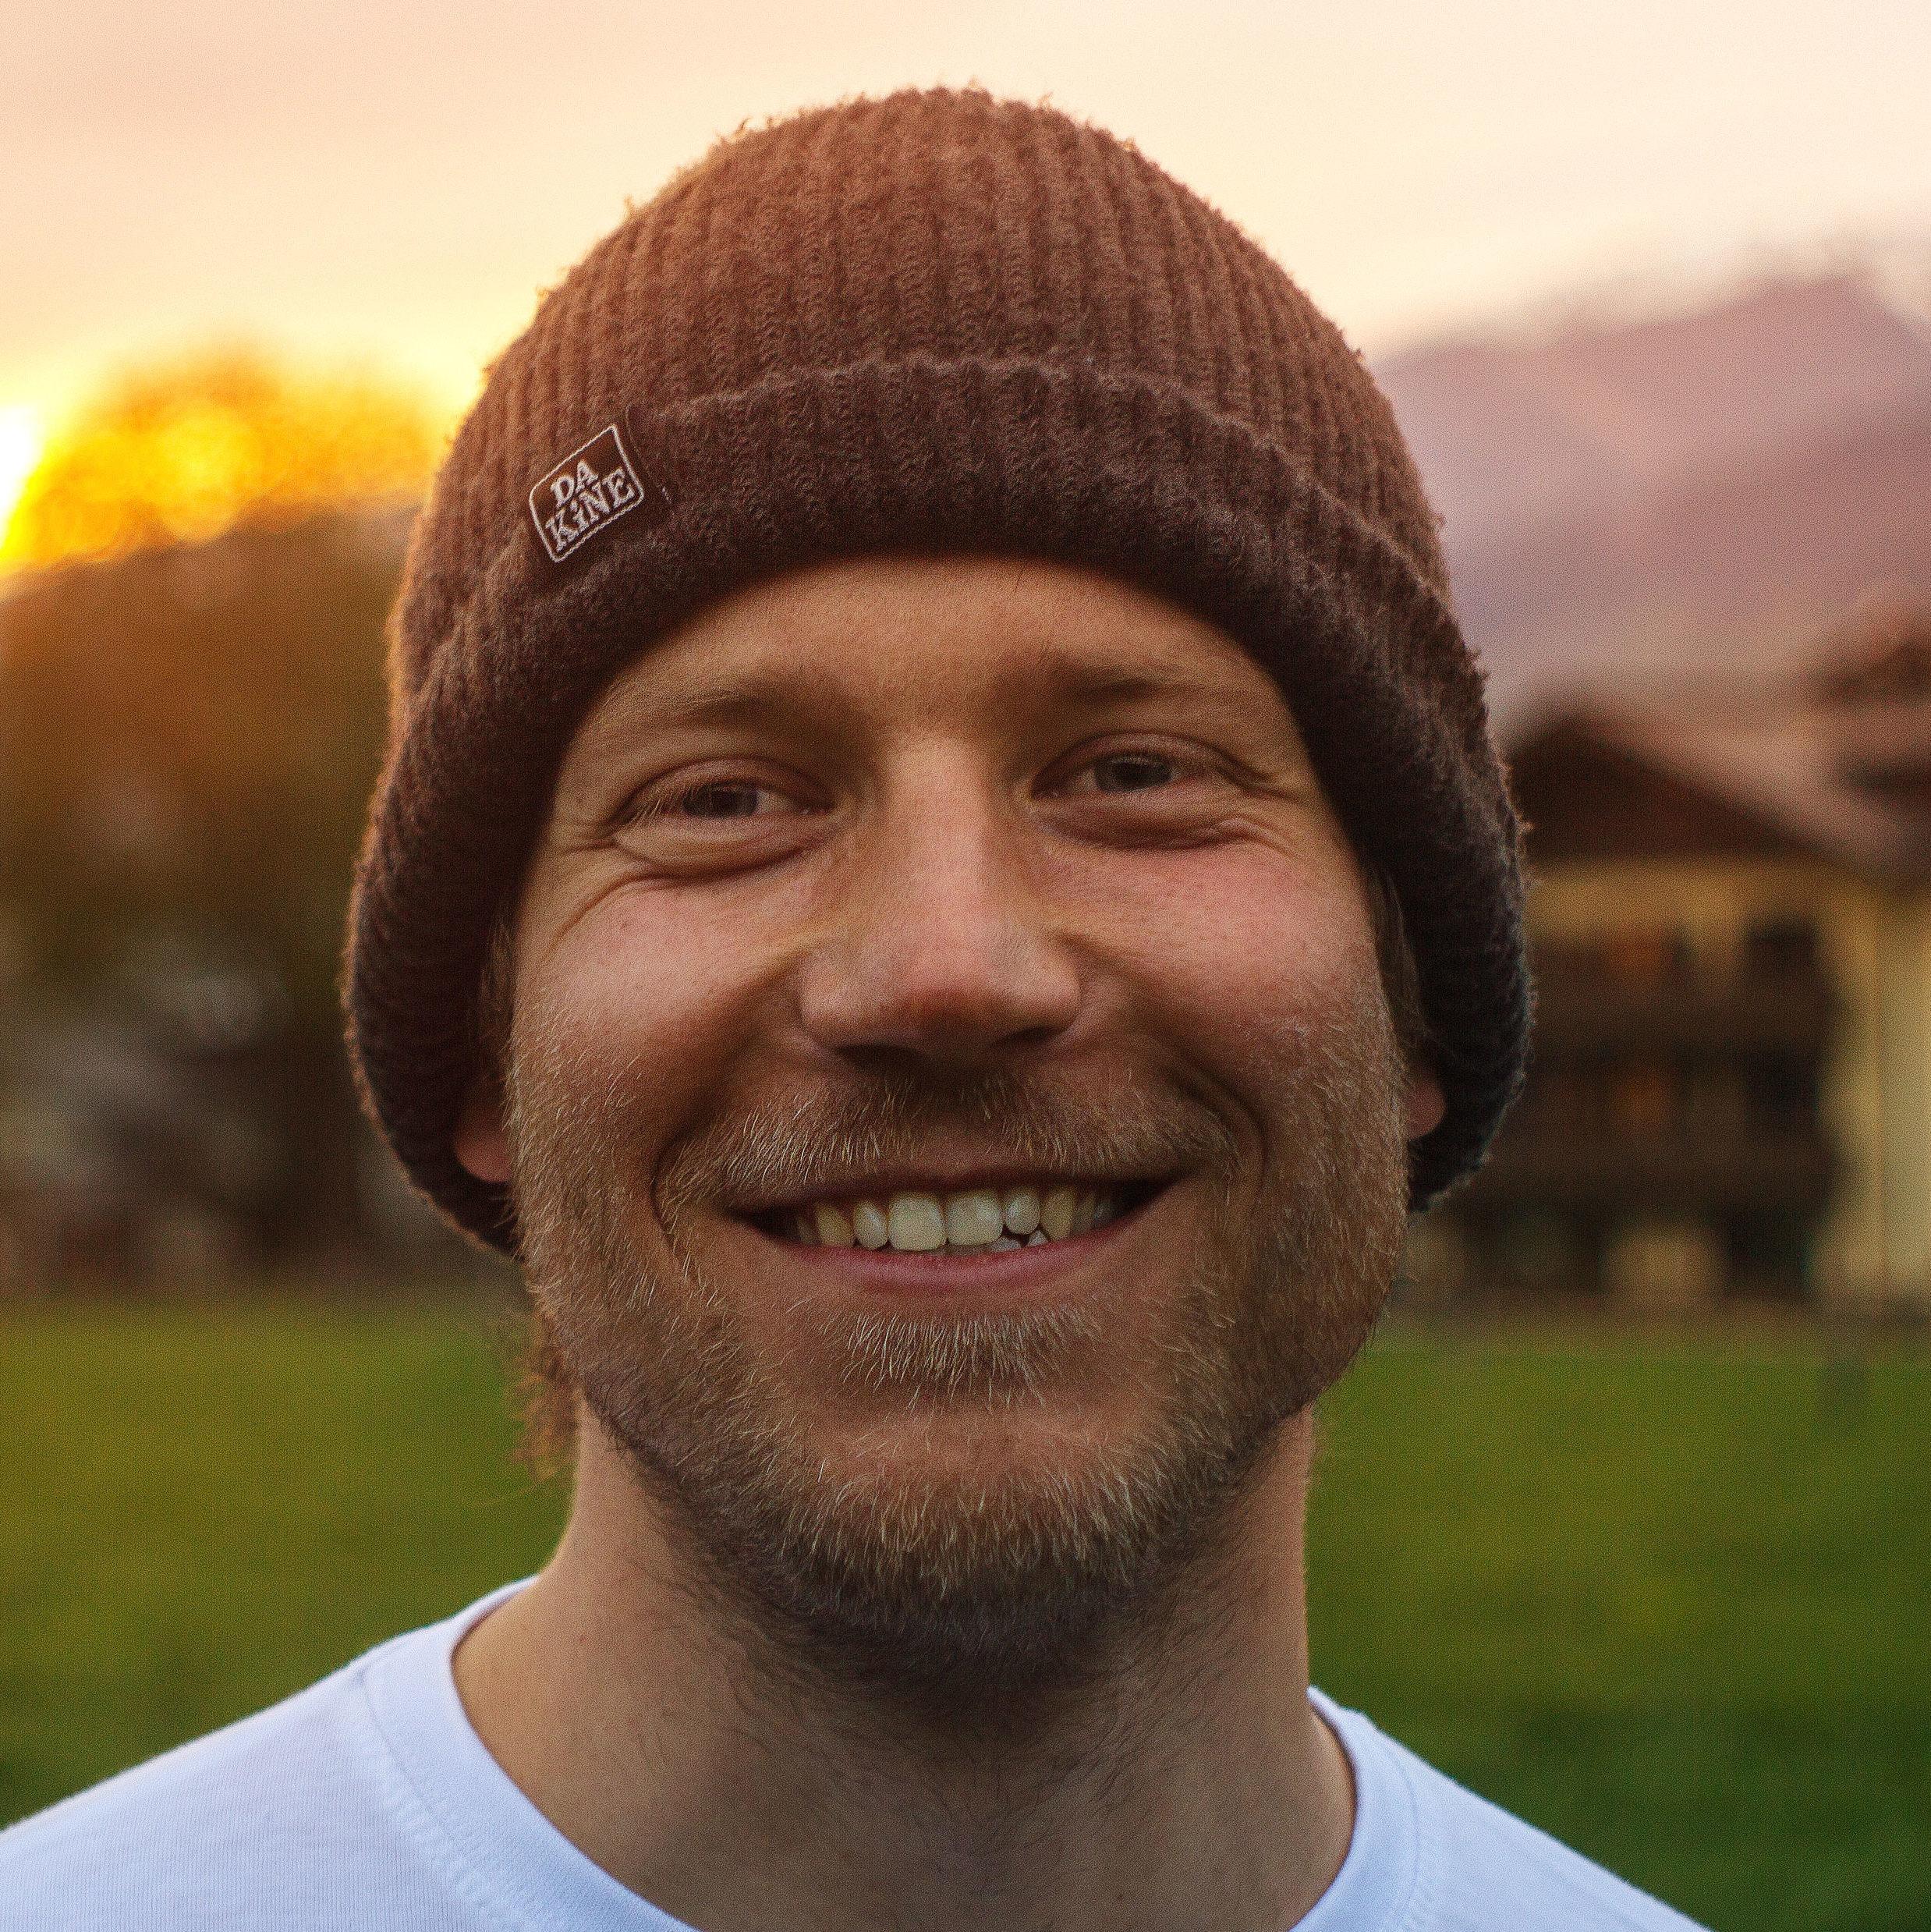 Michal Ritter